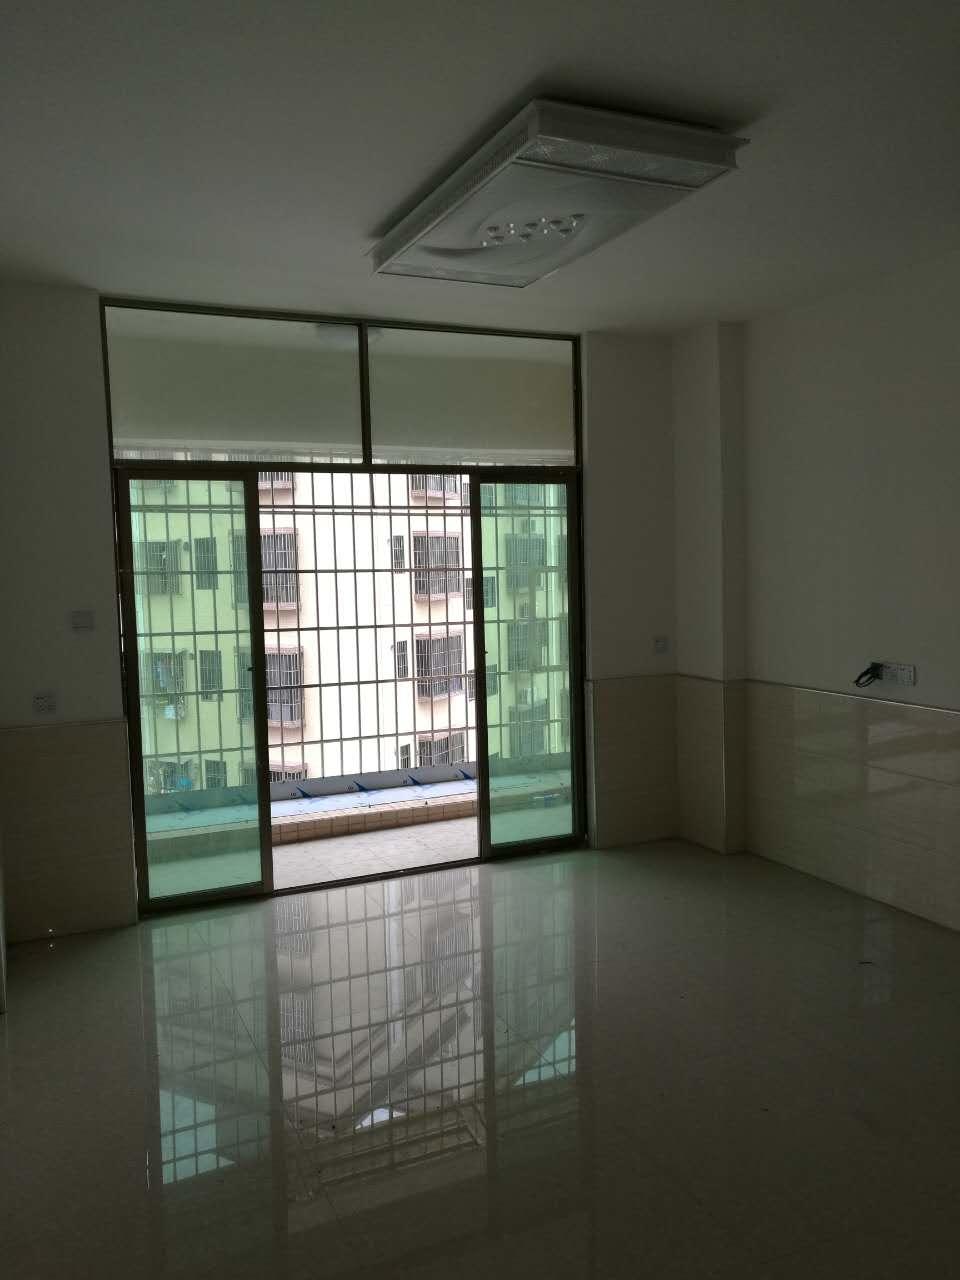 深圳公明小产权房19万起,公明马山头村带装修近地铁 三房二厅 第9张